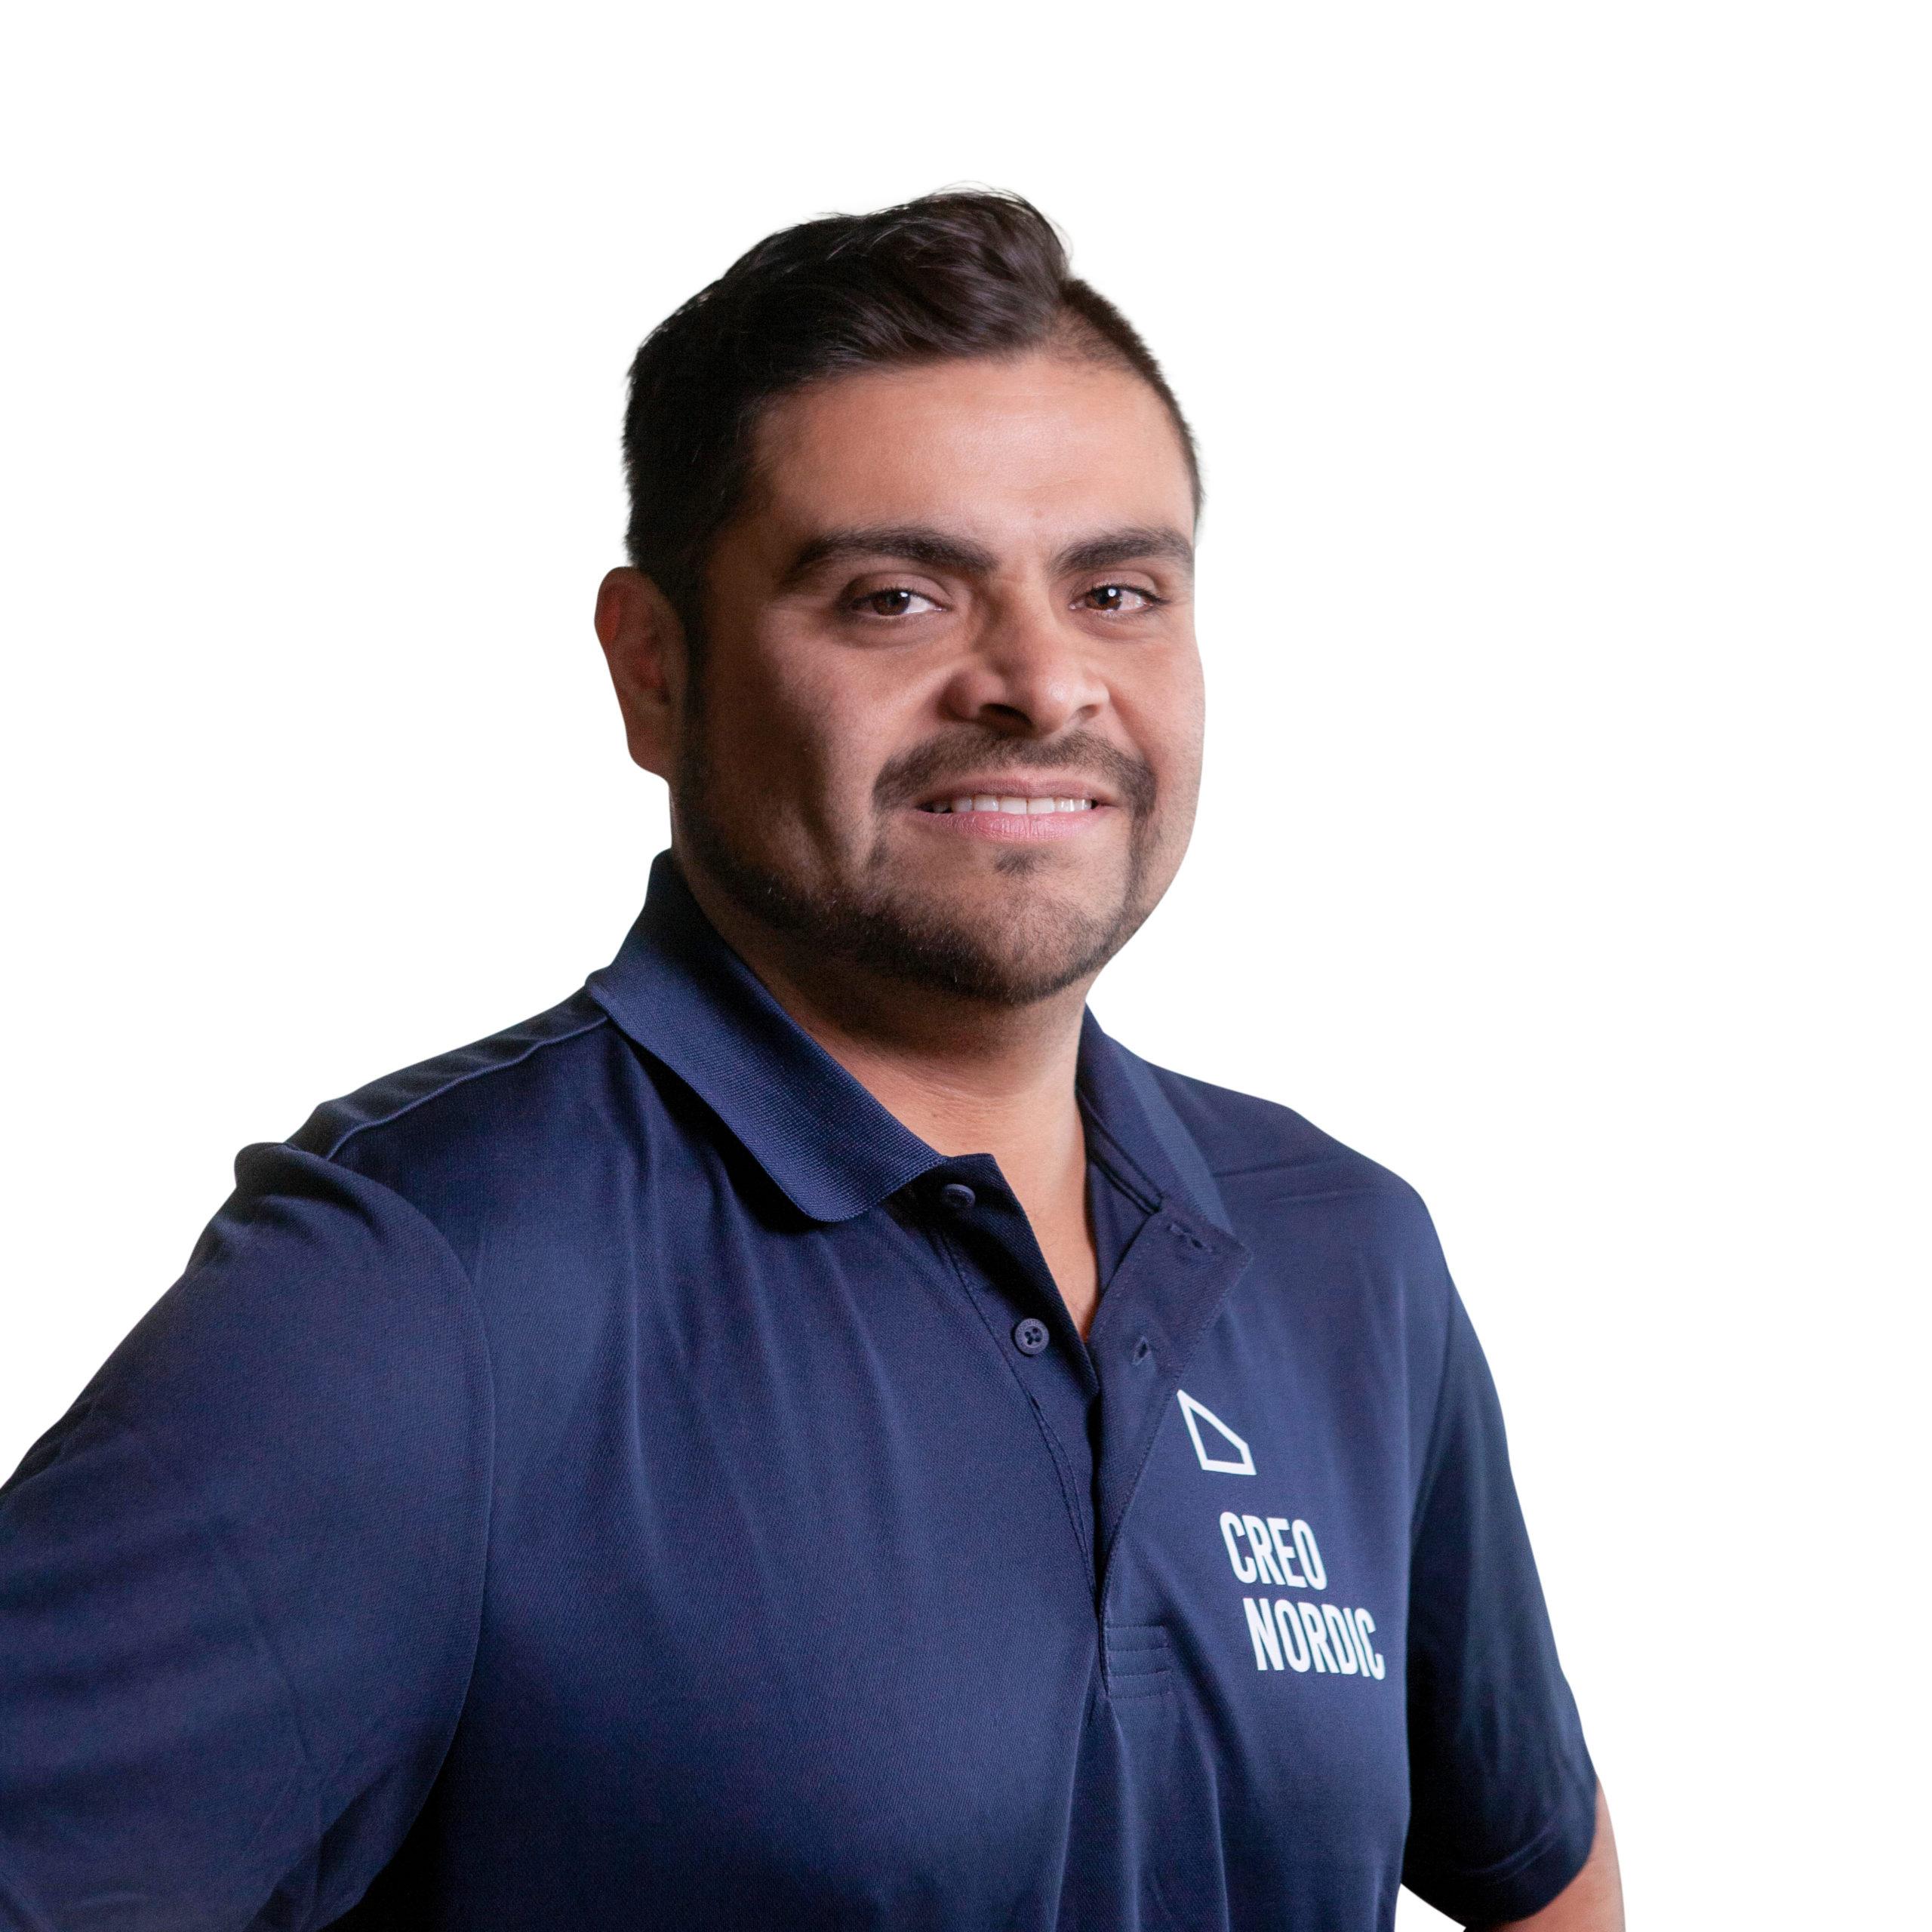 Andres R. N. Gonzalez